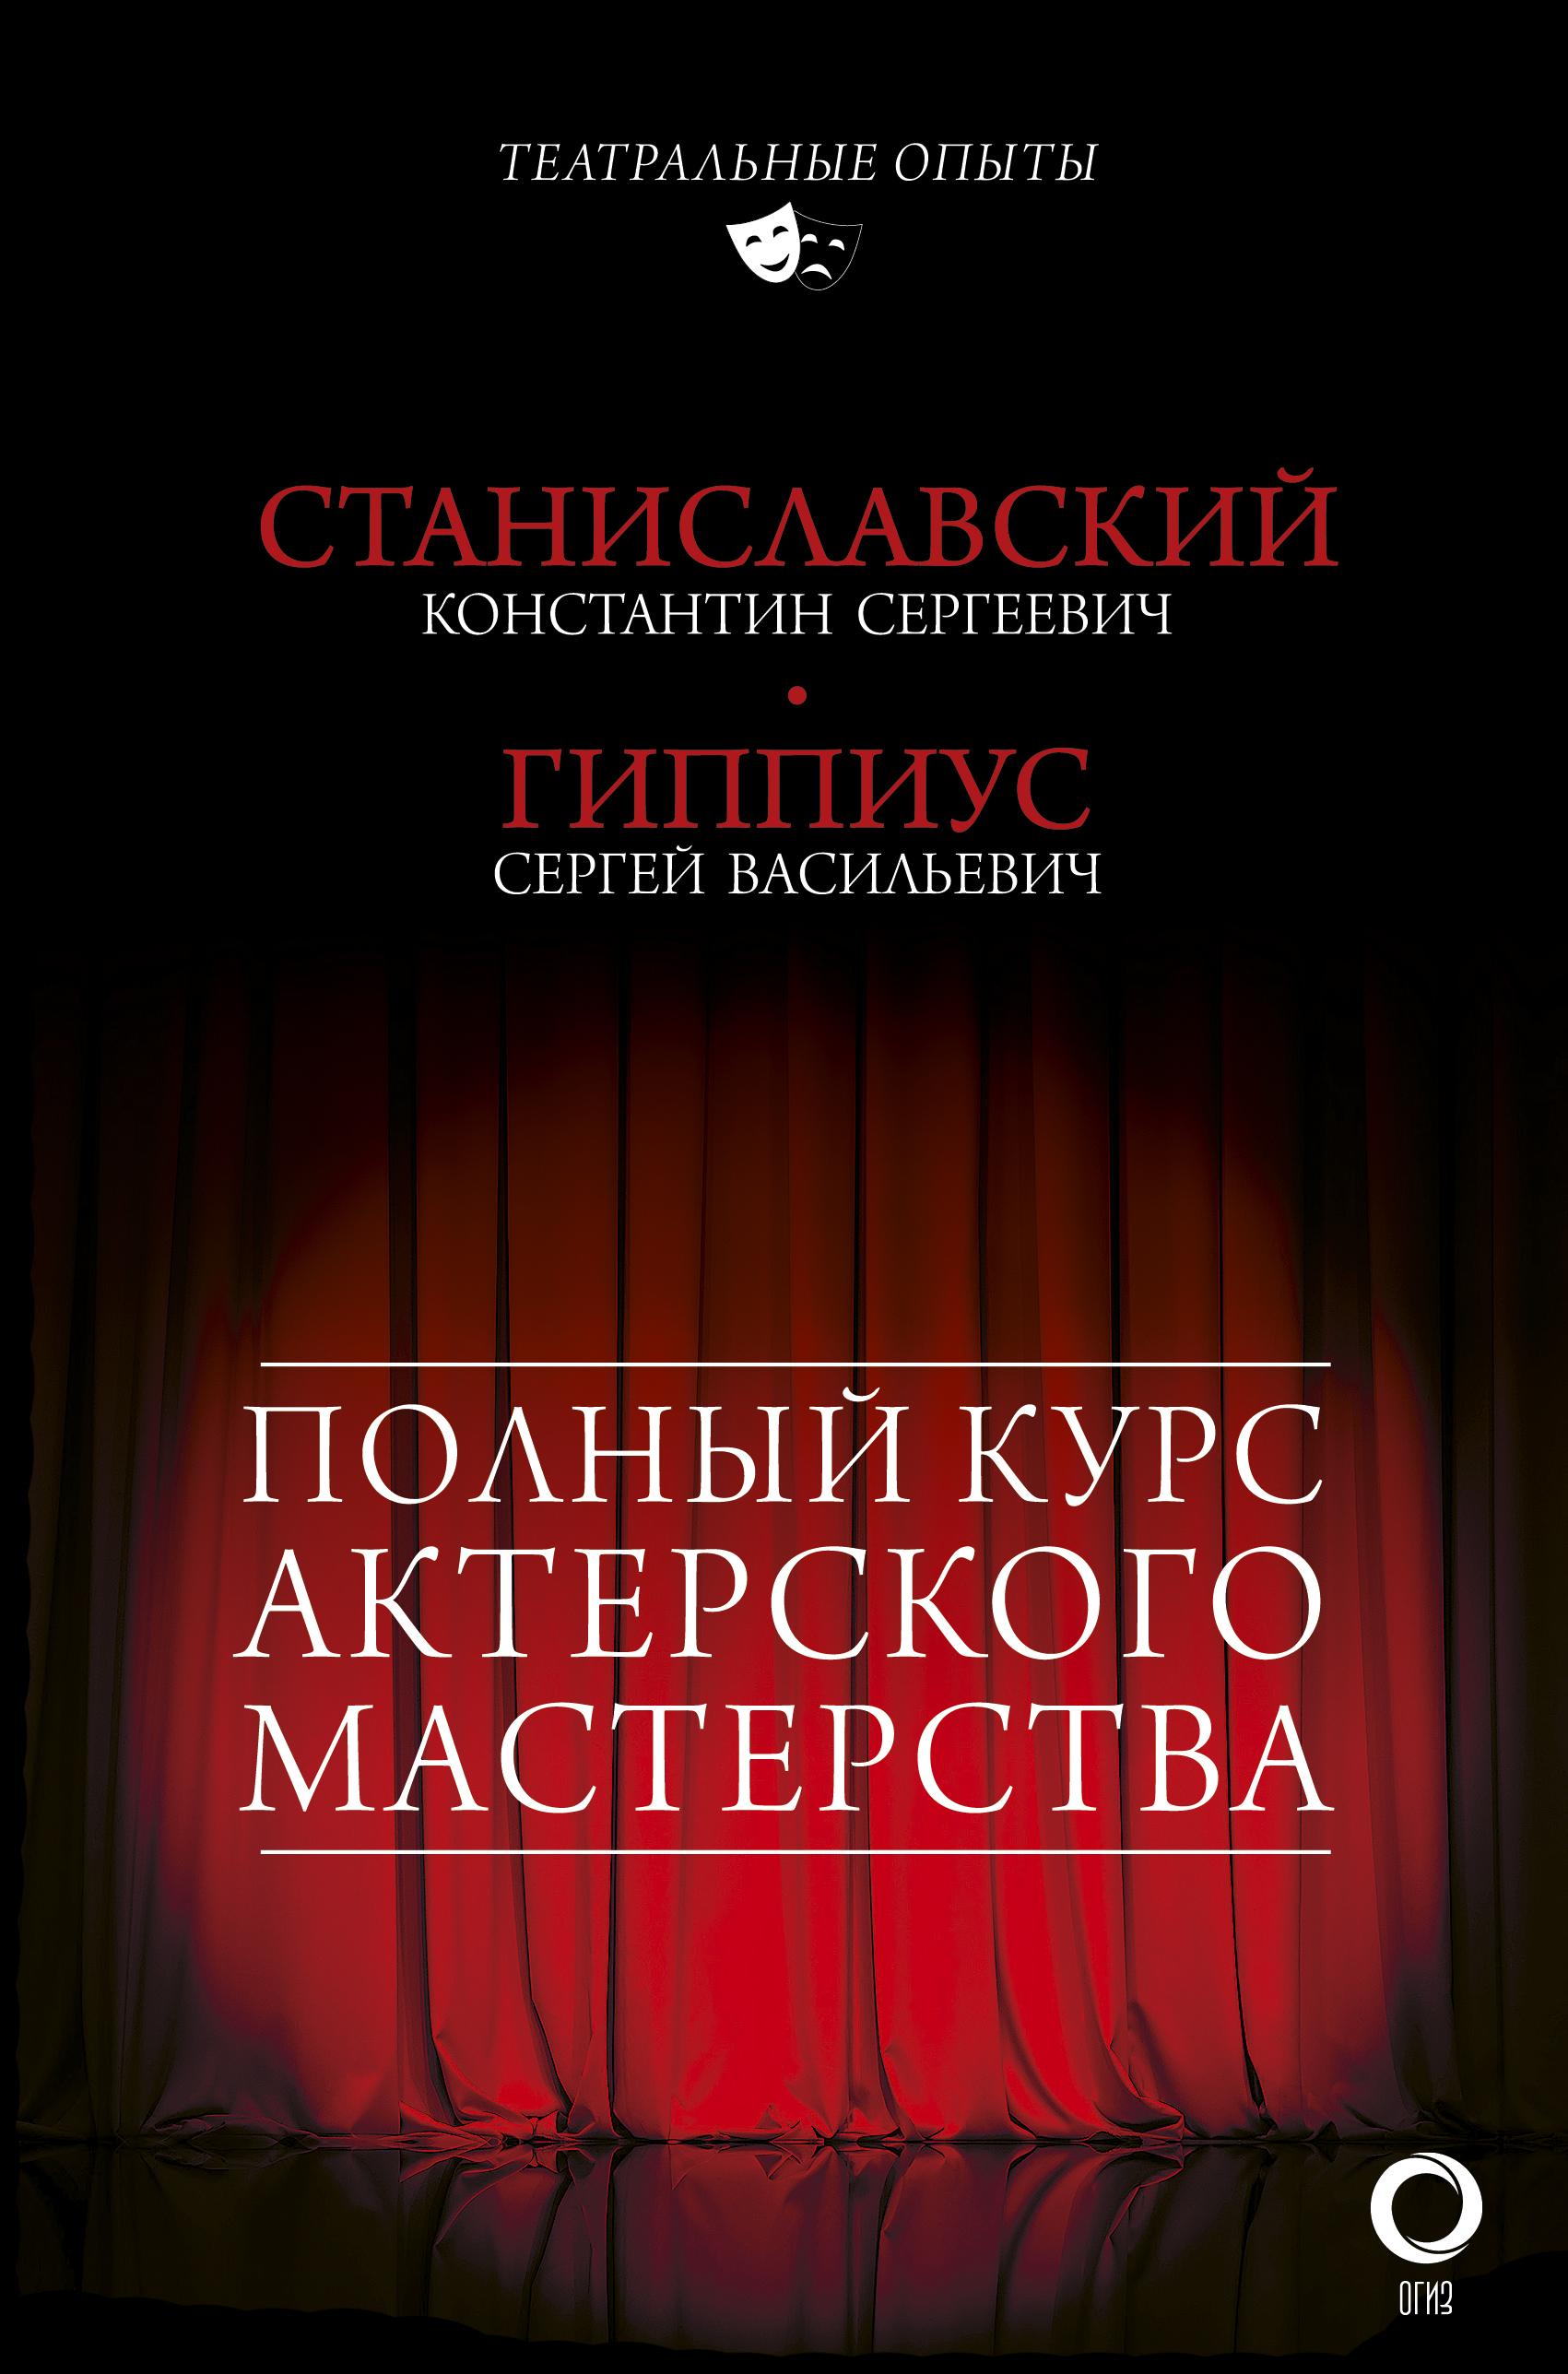 Полный курс актерского мастерства ( Гиппиус С.В., Станиславский К.С.  )